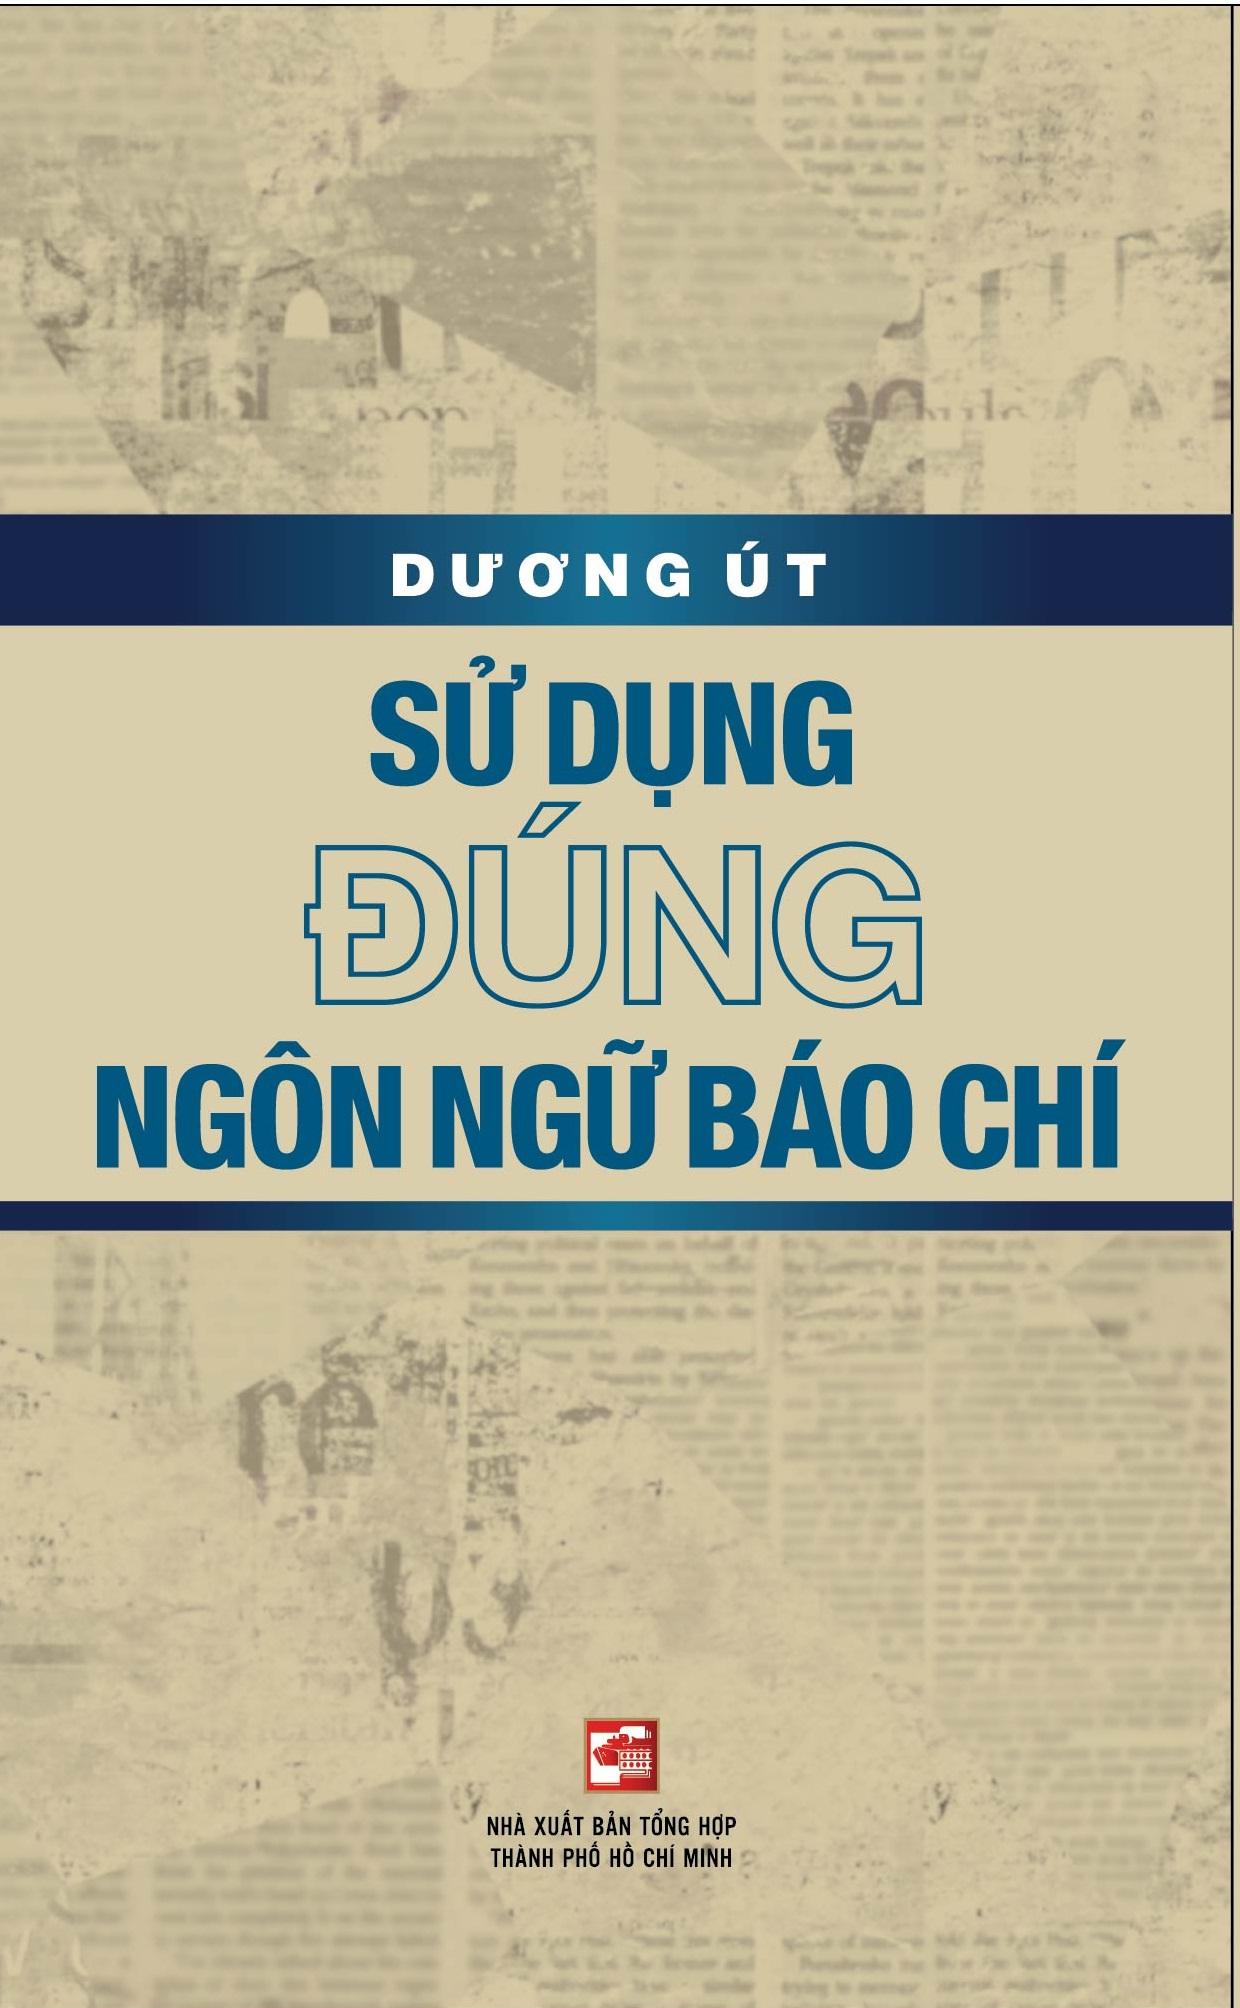 Cuốn sách được viết dựa trên thực tế khảo sát từ nhiều tờ báo của tác giả